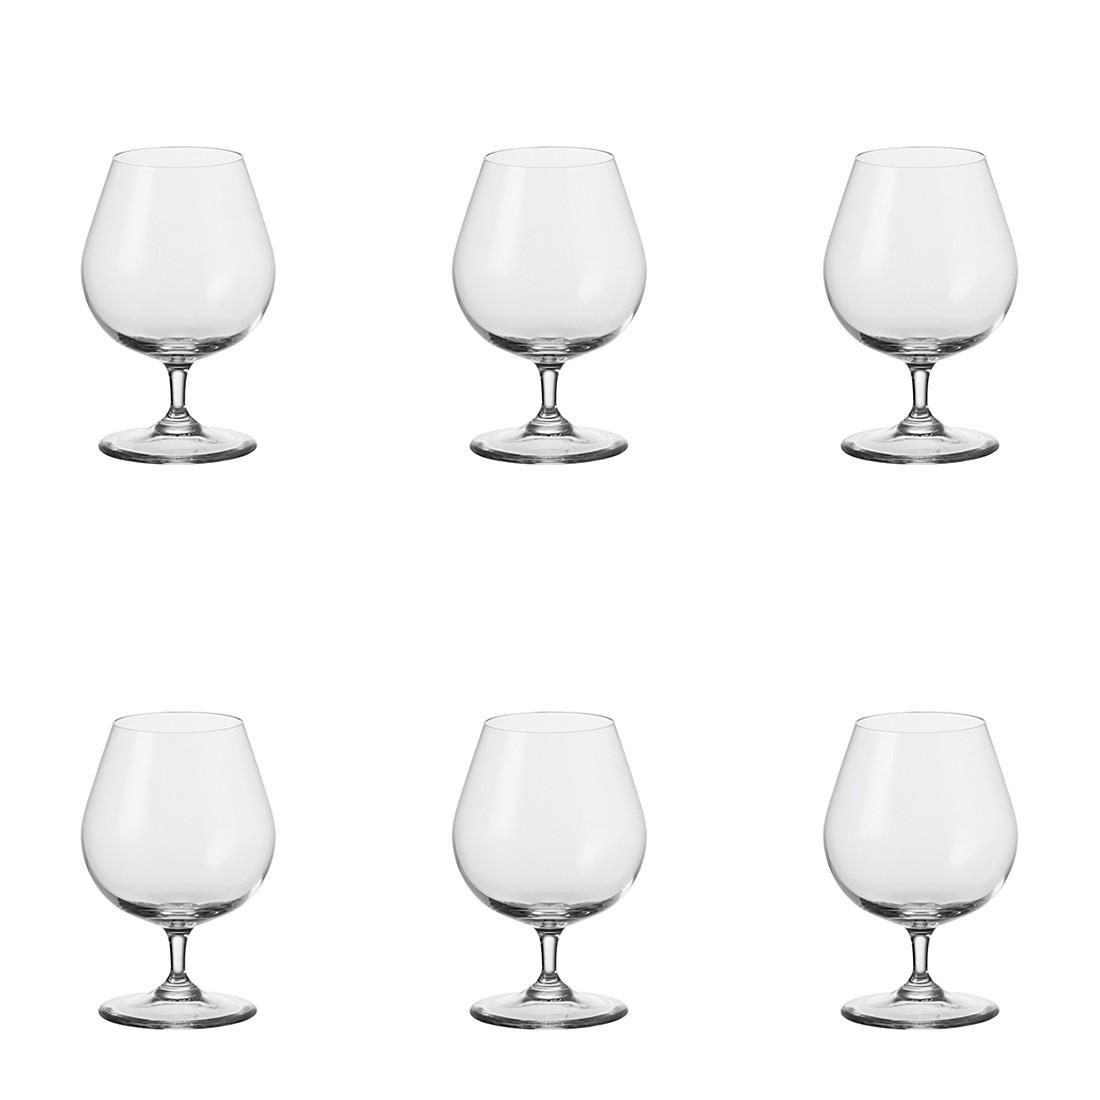 Cognacglas Ciao+ (6er-Set), Leonardo kaufen